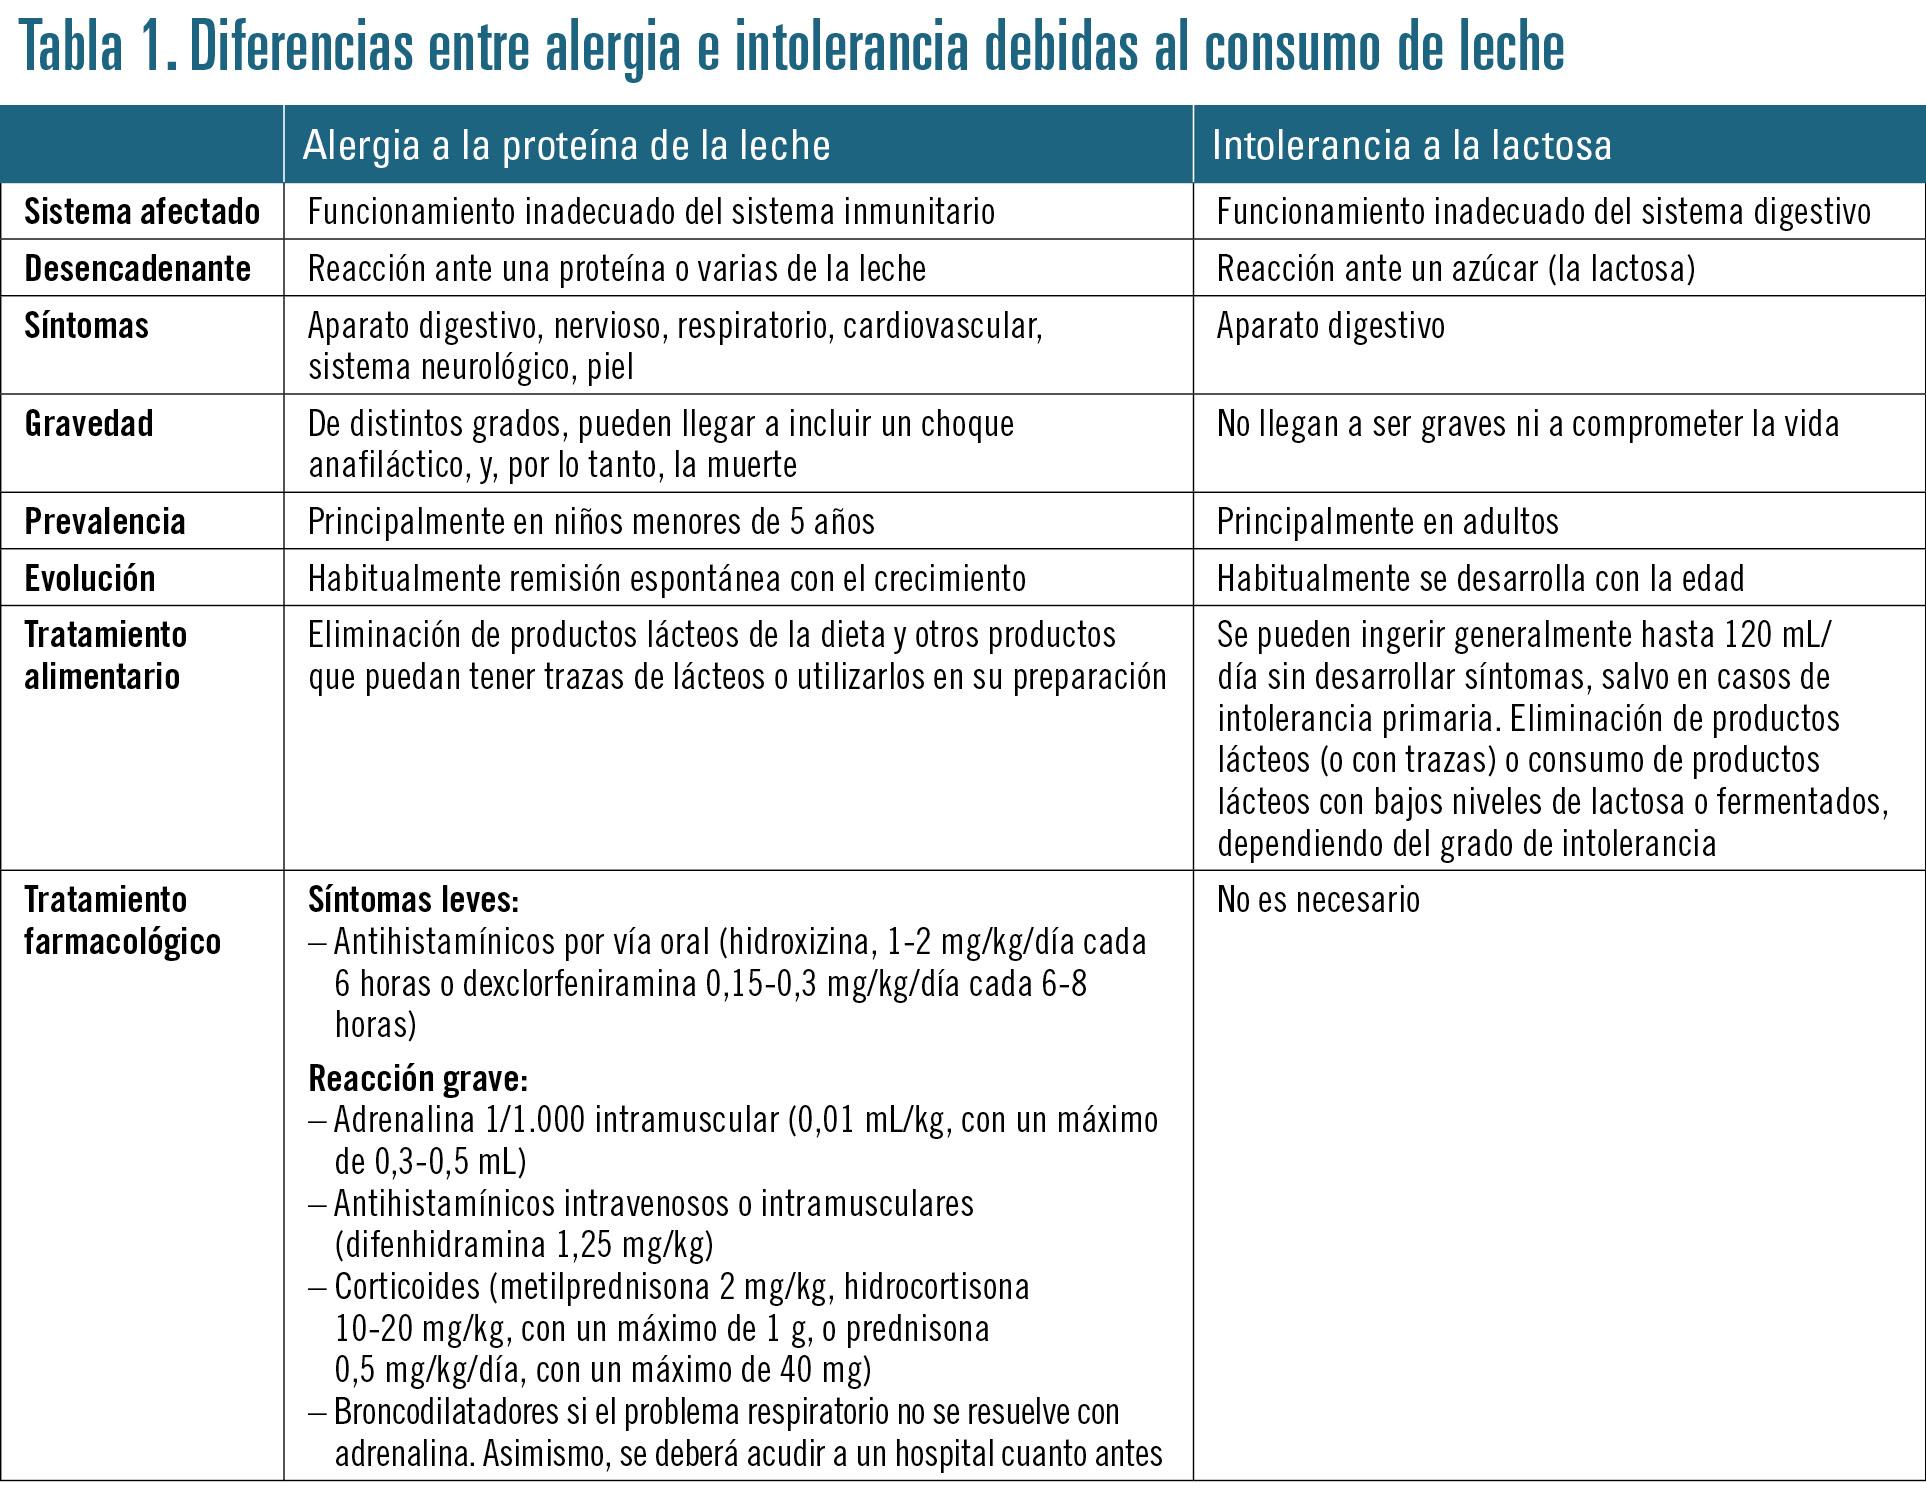 30 EF582 PROFESION INTOLERANCIA tabla 1